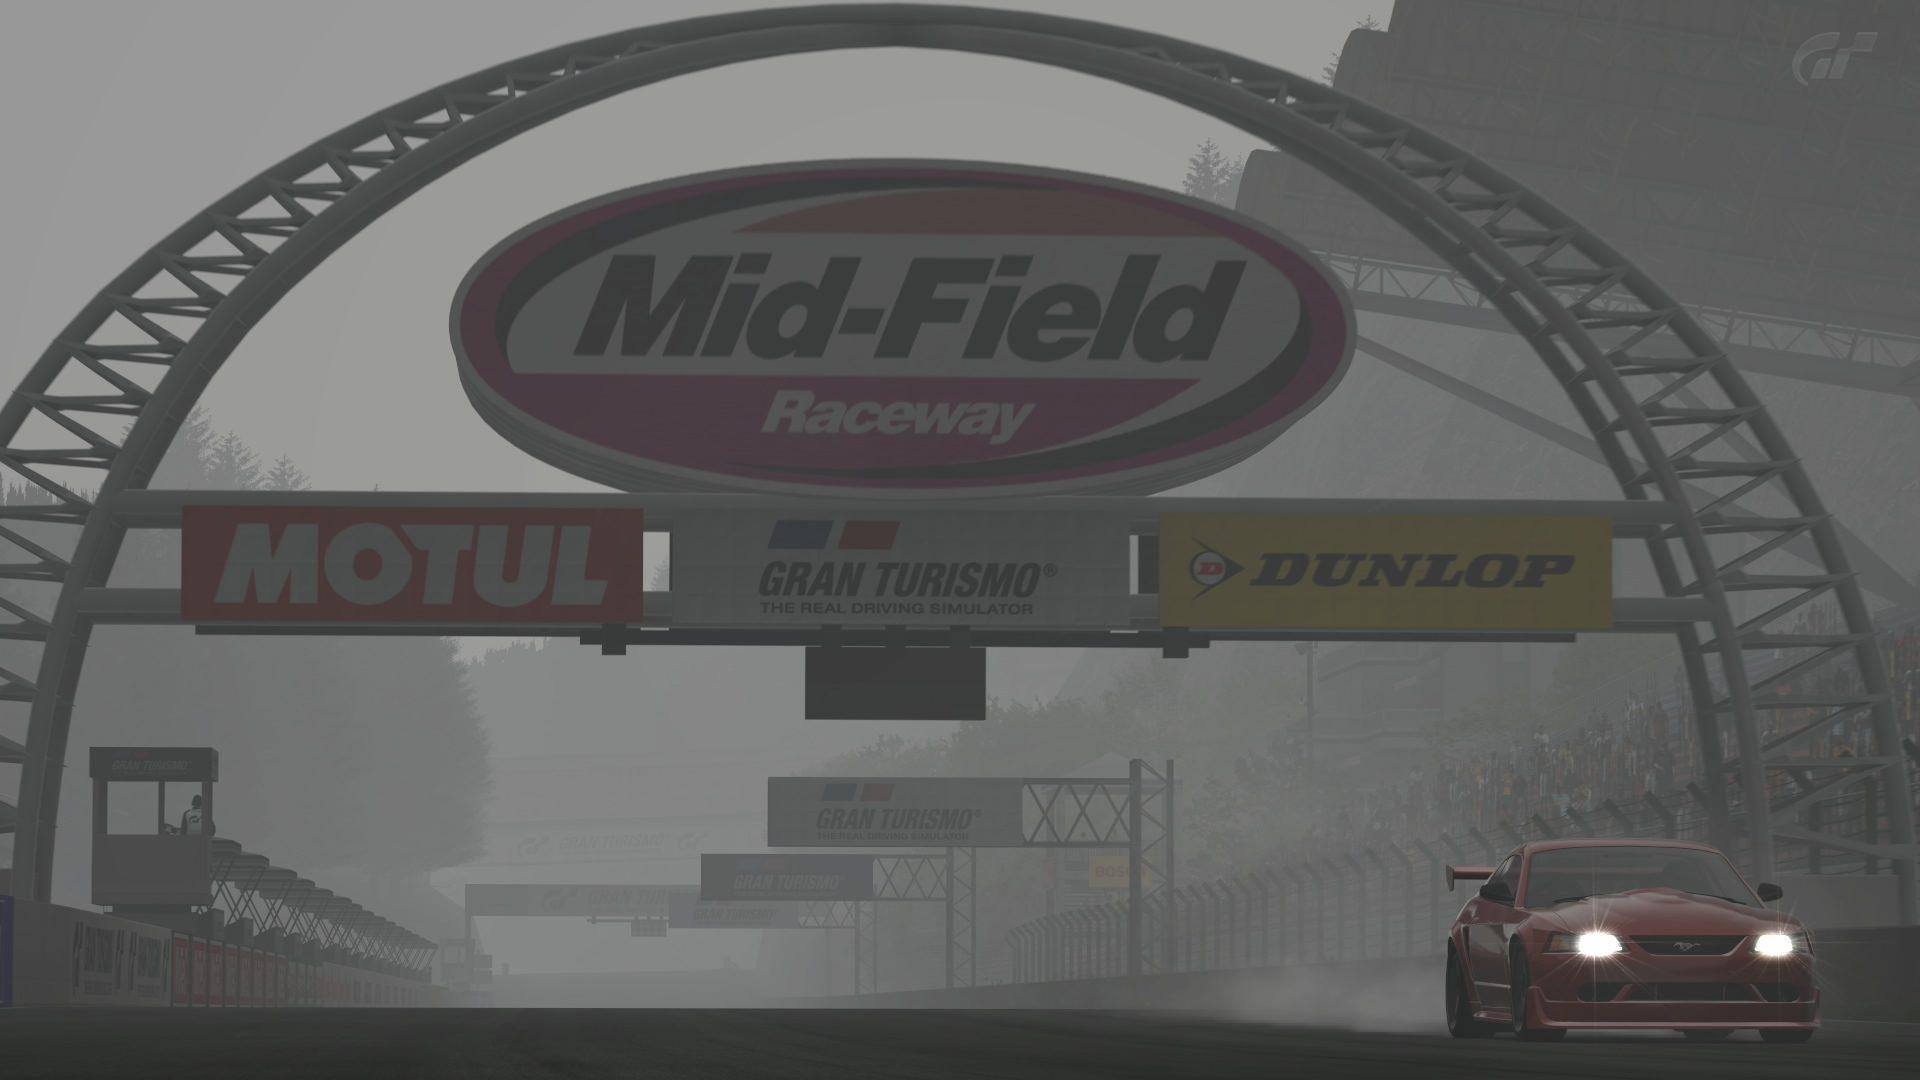 Mid-Field Raceway_4 (2).jpg